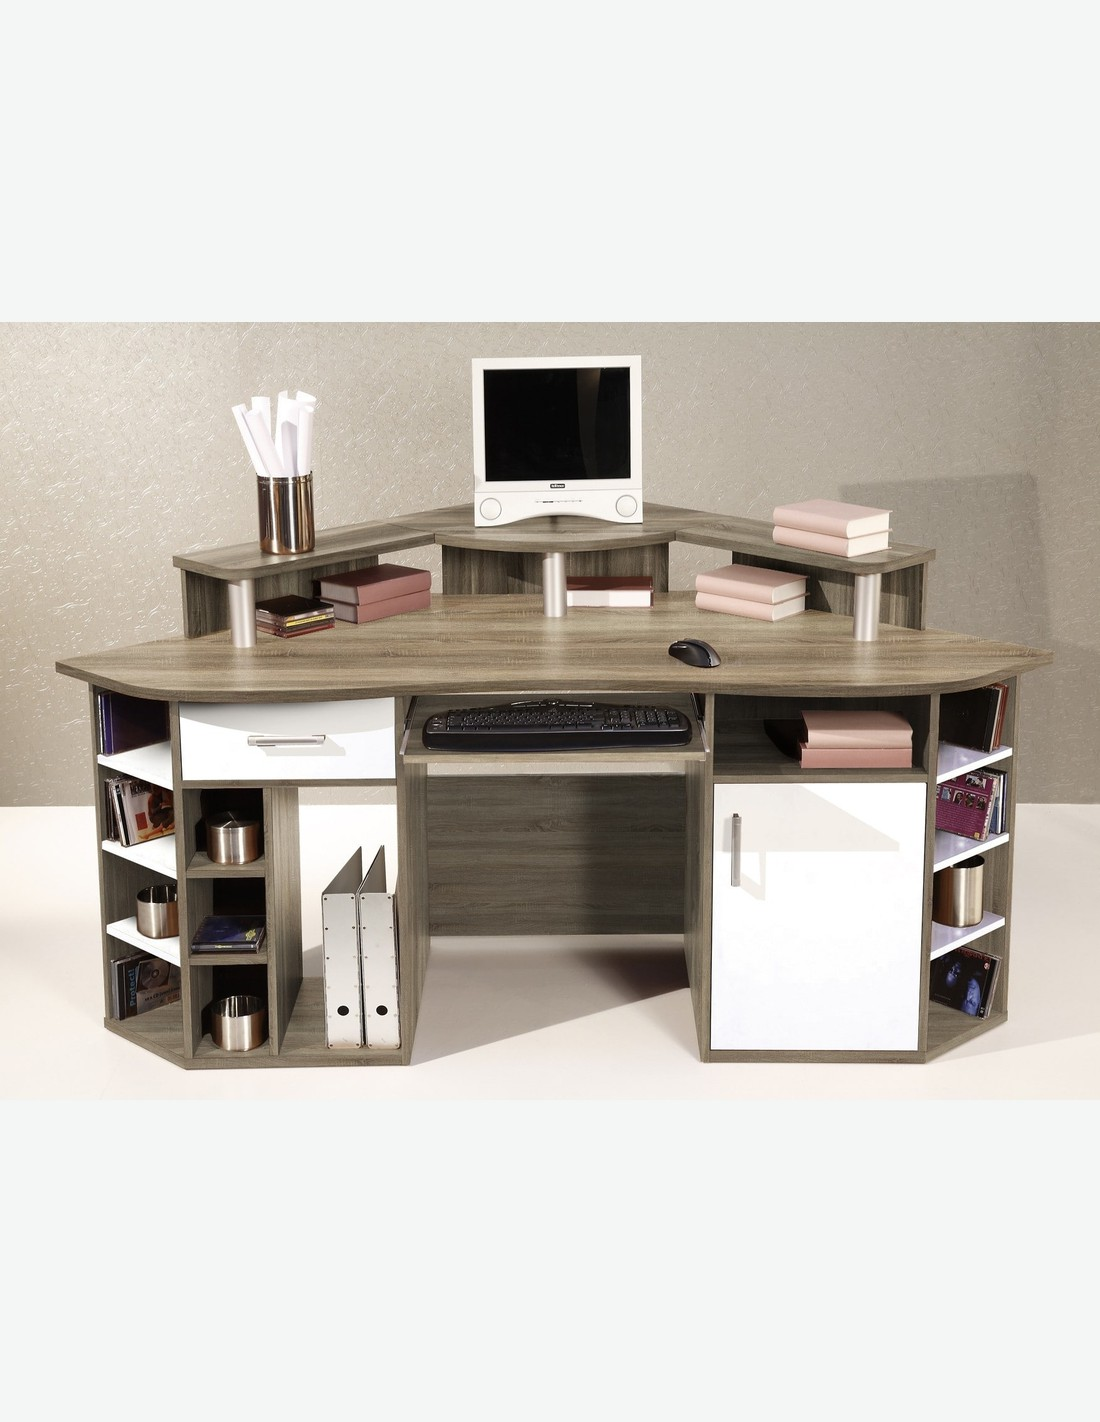 jumbo scrivania ad angolo scrivania ad angolo in legno ca 130x95x130cm ...